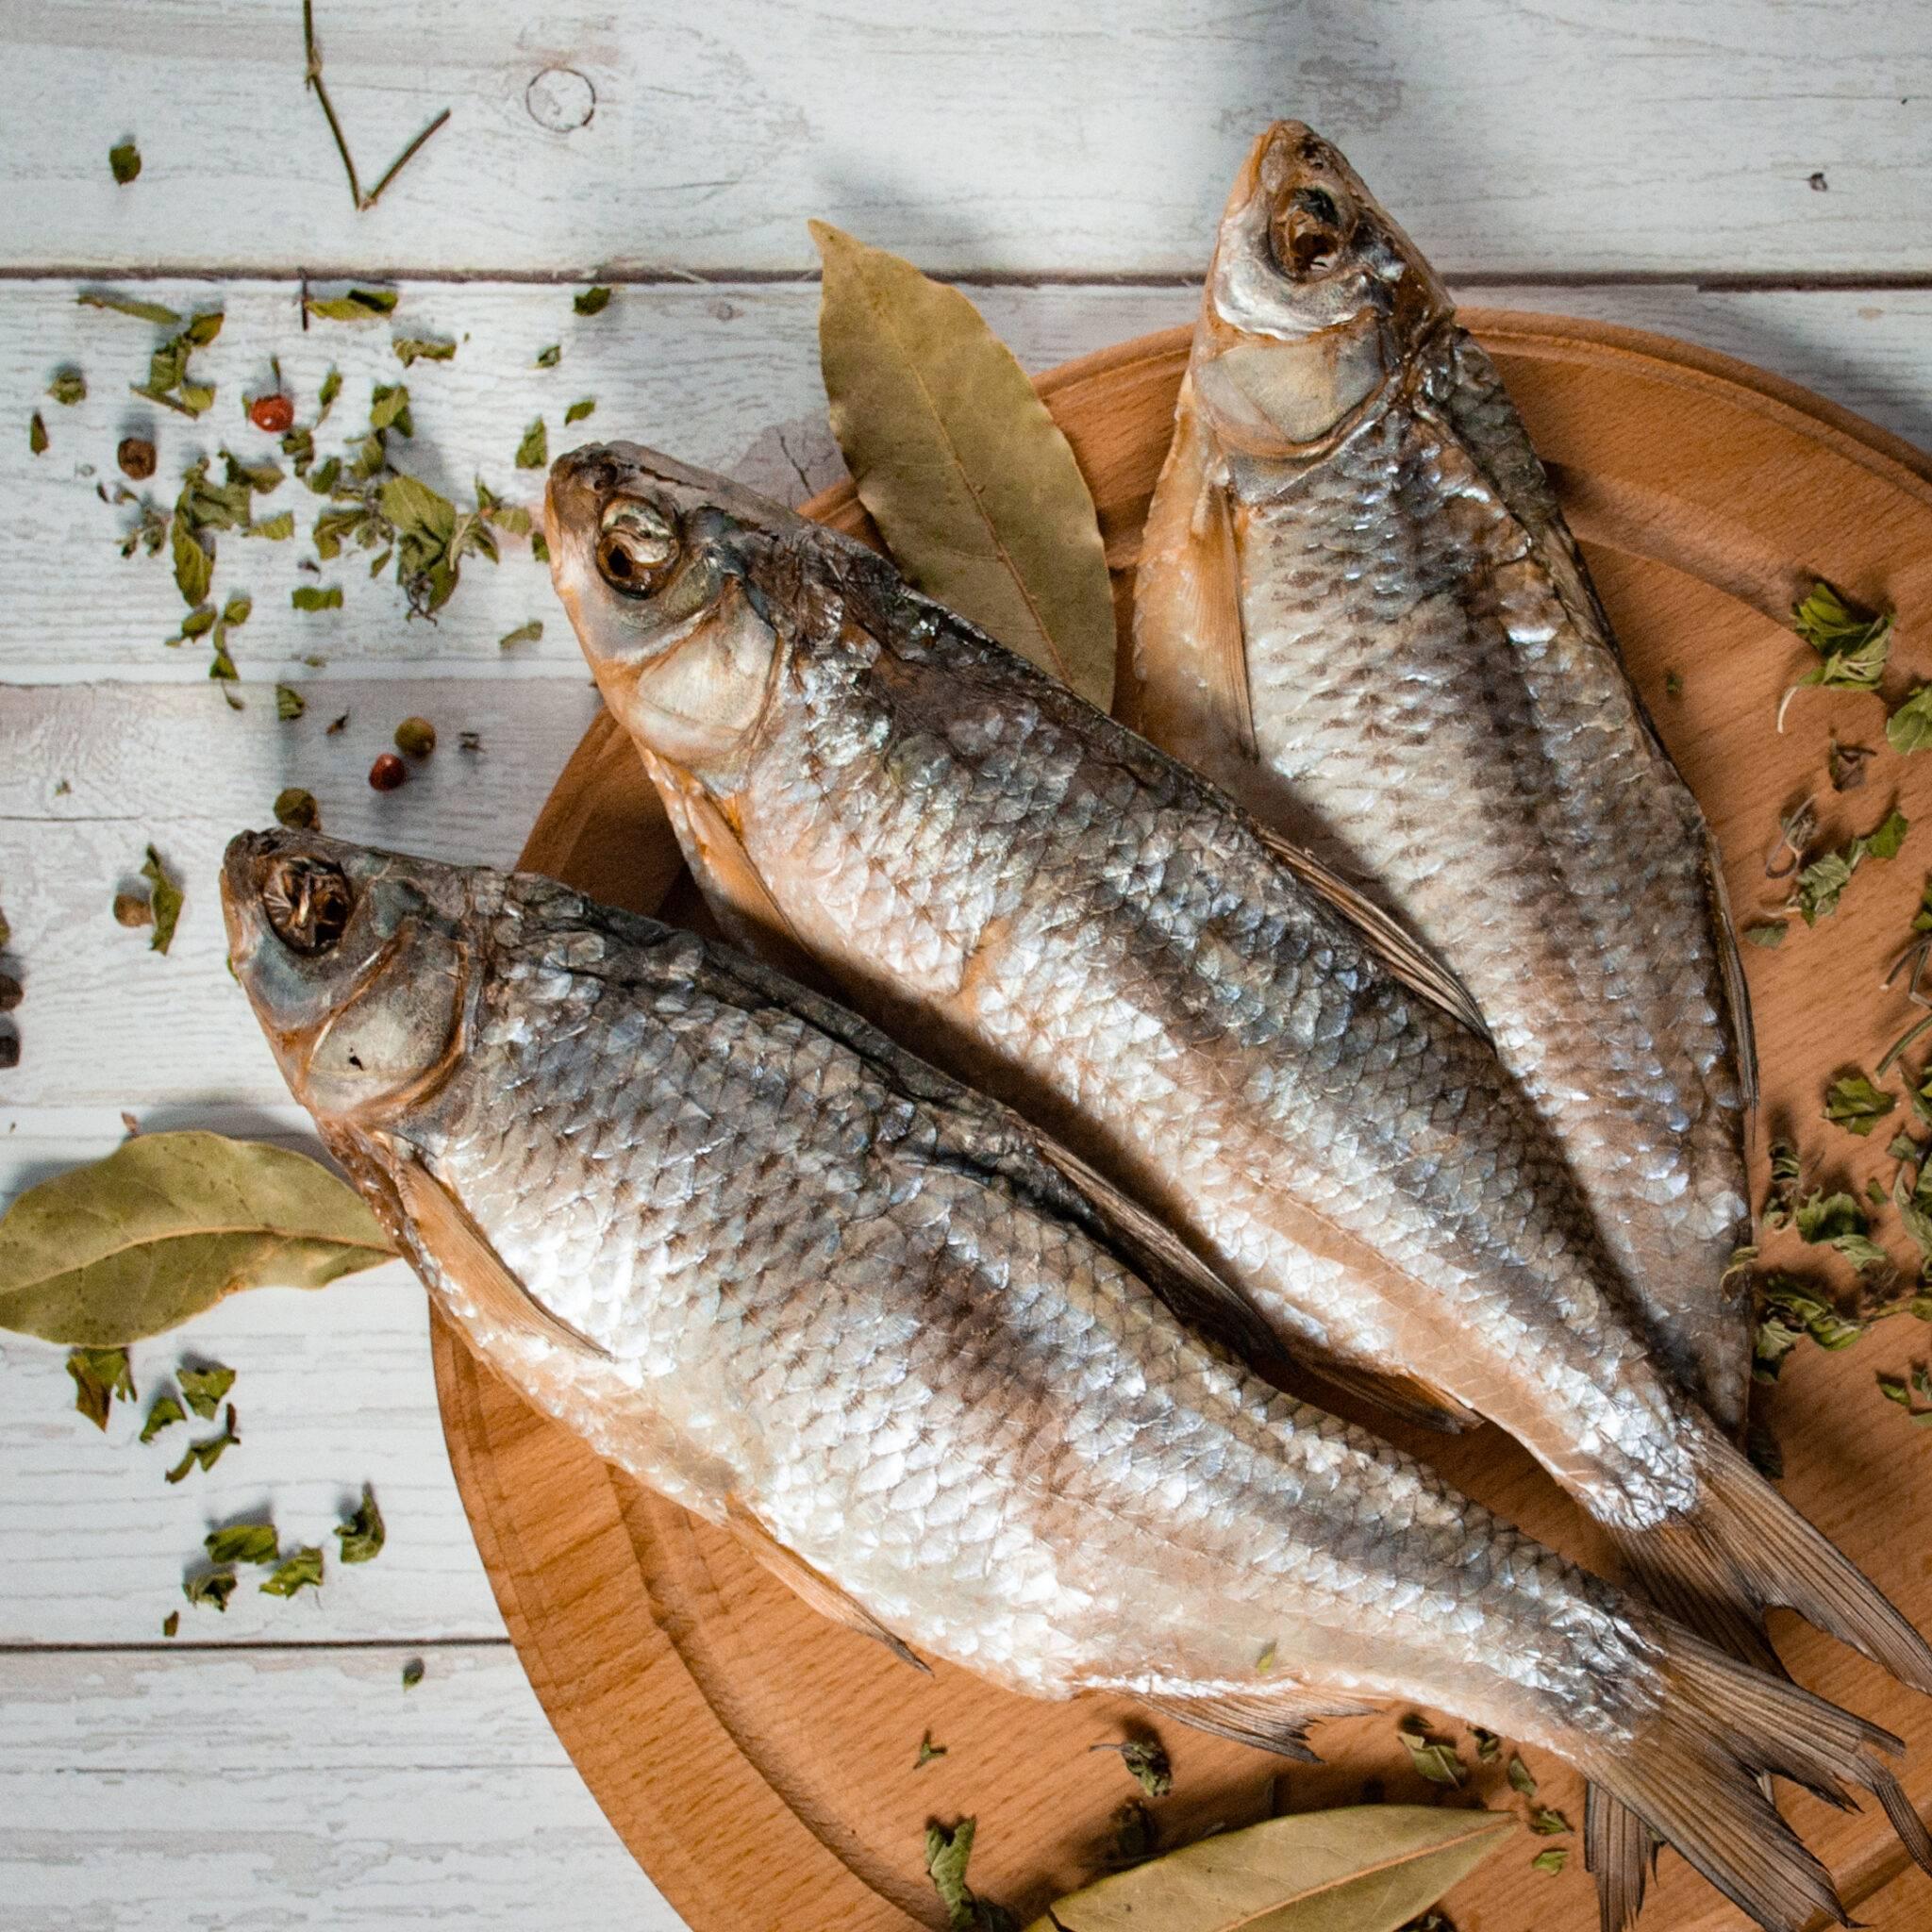 Как вялить рыбу в домашних условиях: рецепты с фото, валить воблу, правила и этапы